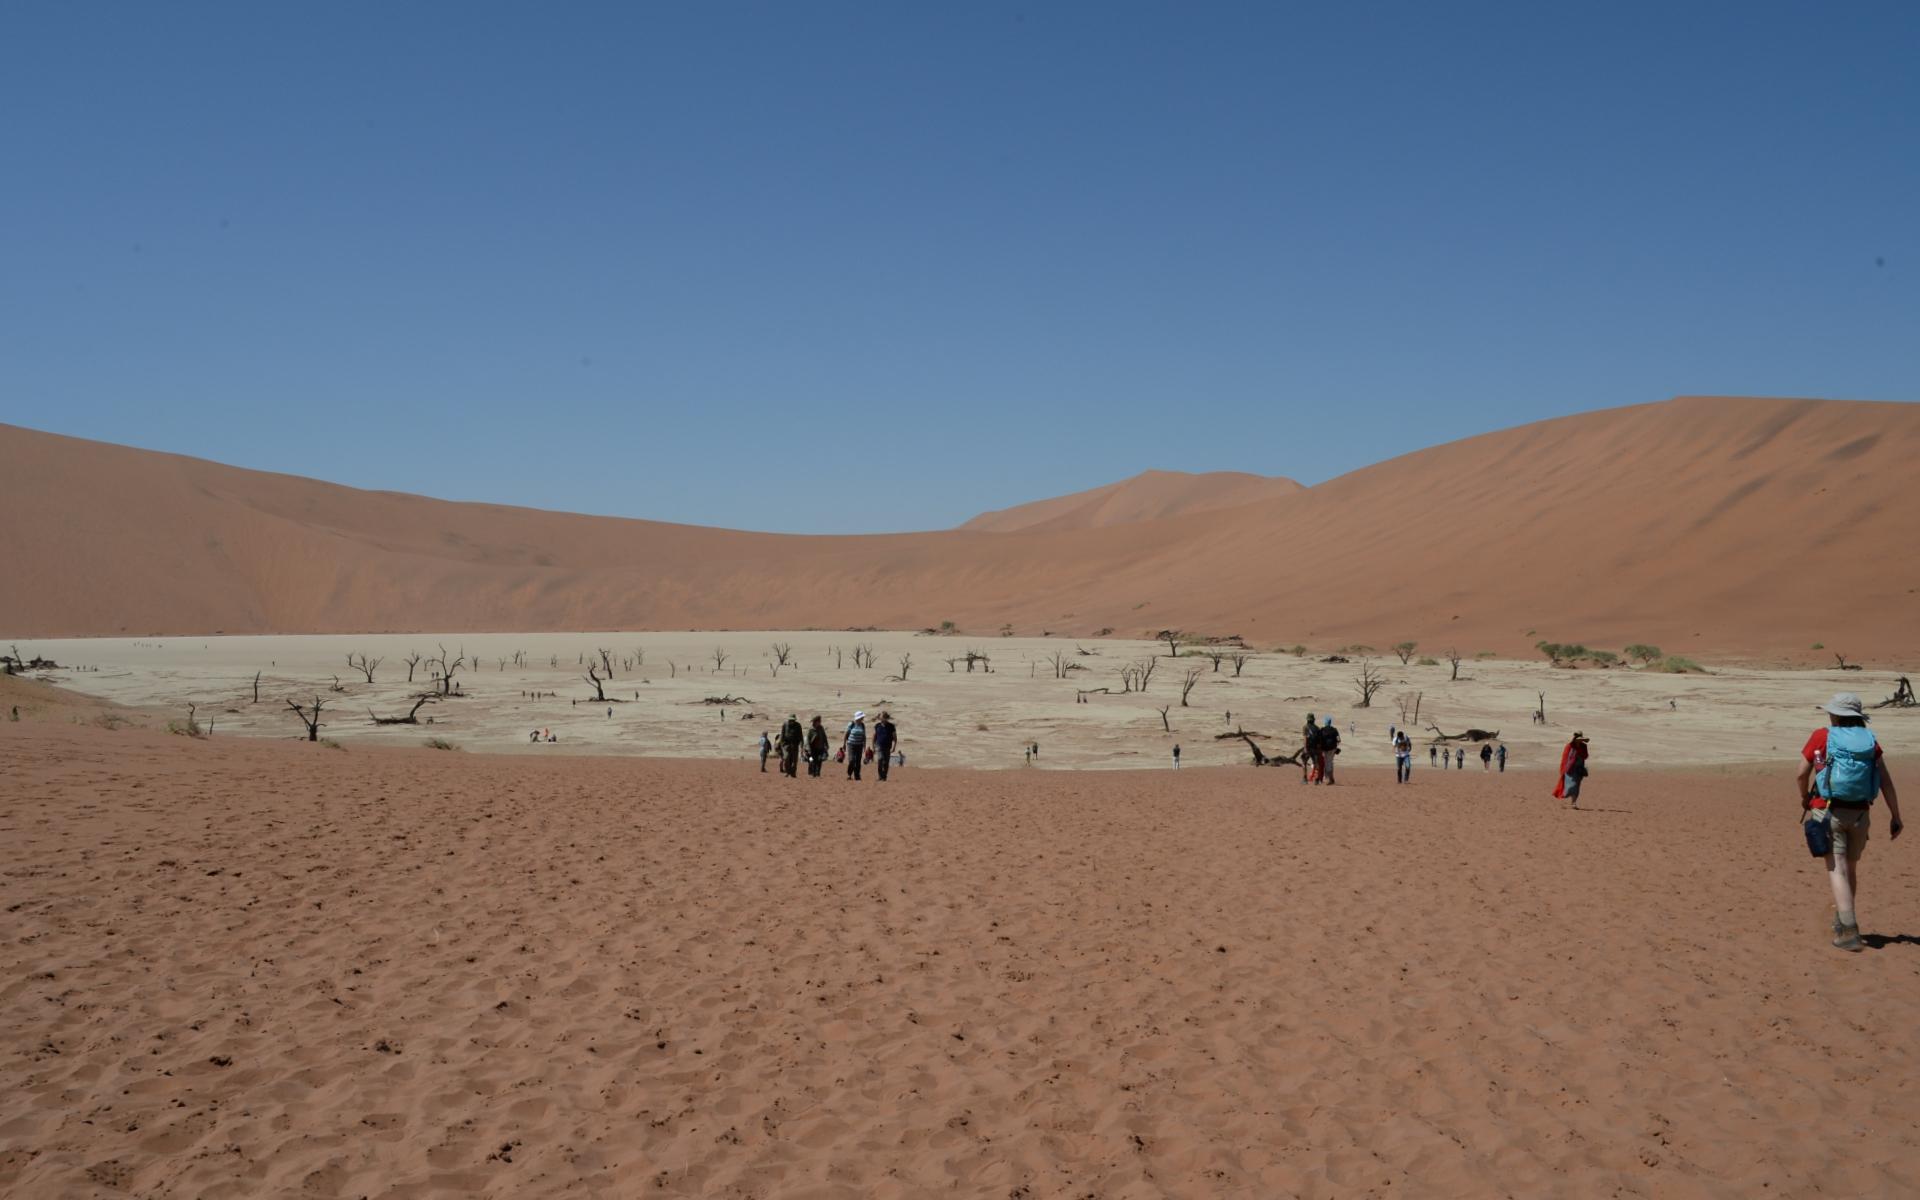 Namibia_Sossusvlei_Deadvlei_20